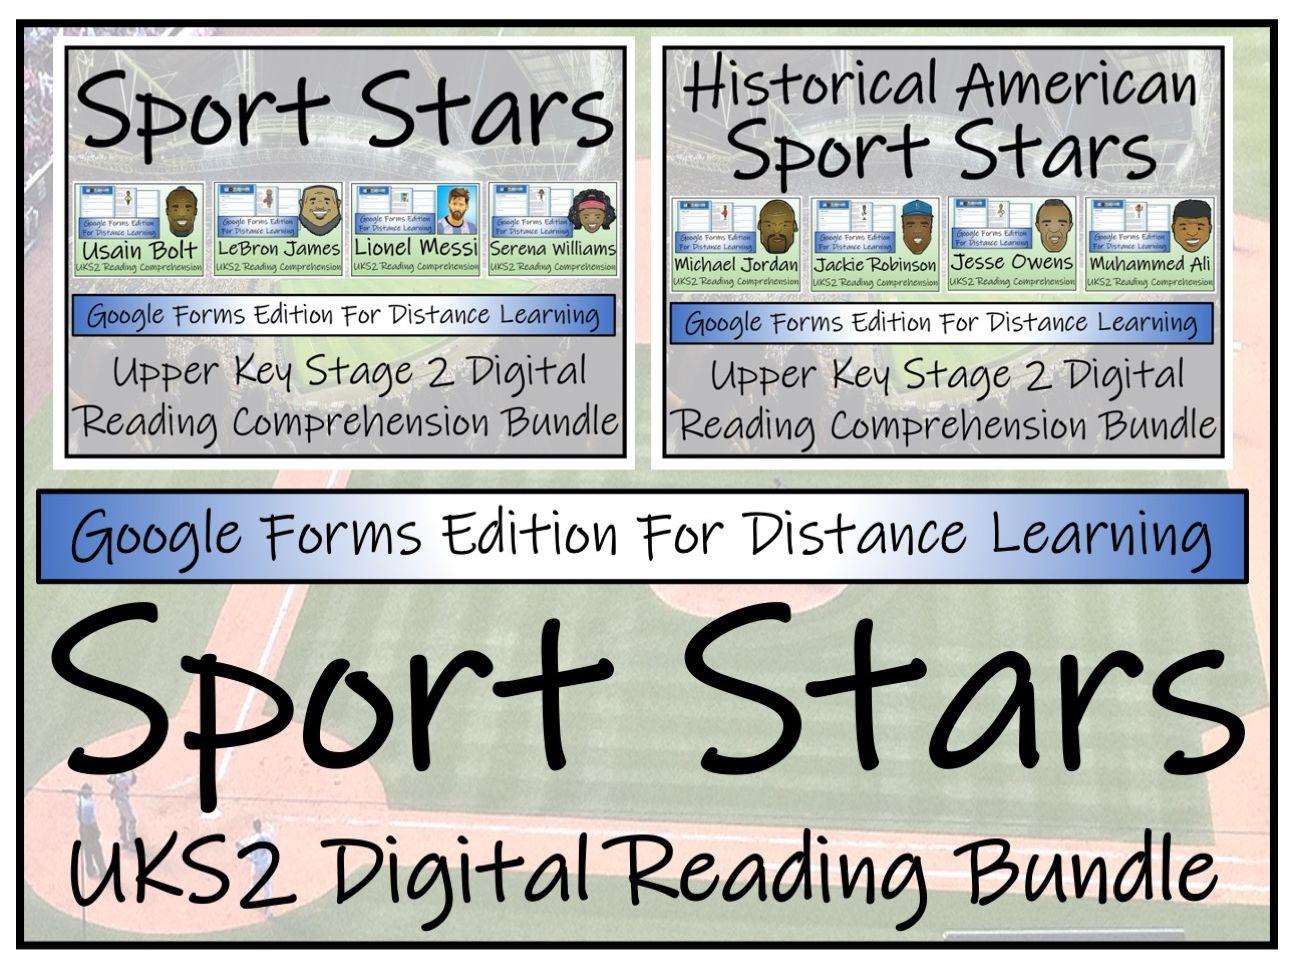 UKS2 Modern & Historical Sport Stars Reading Comprehension & Distance Learning Bundles